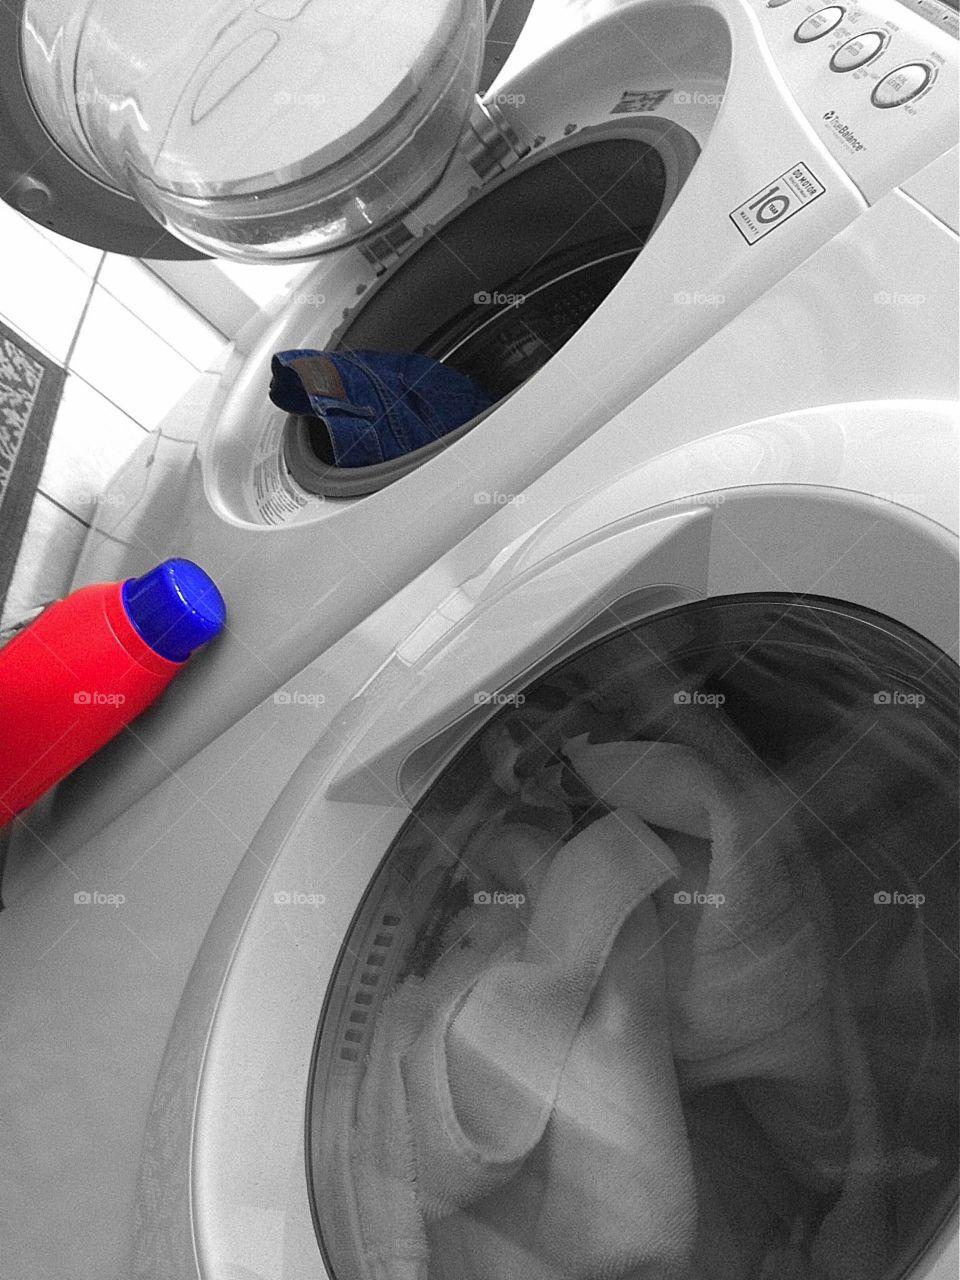 Laundry room. Laundry day